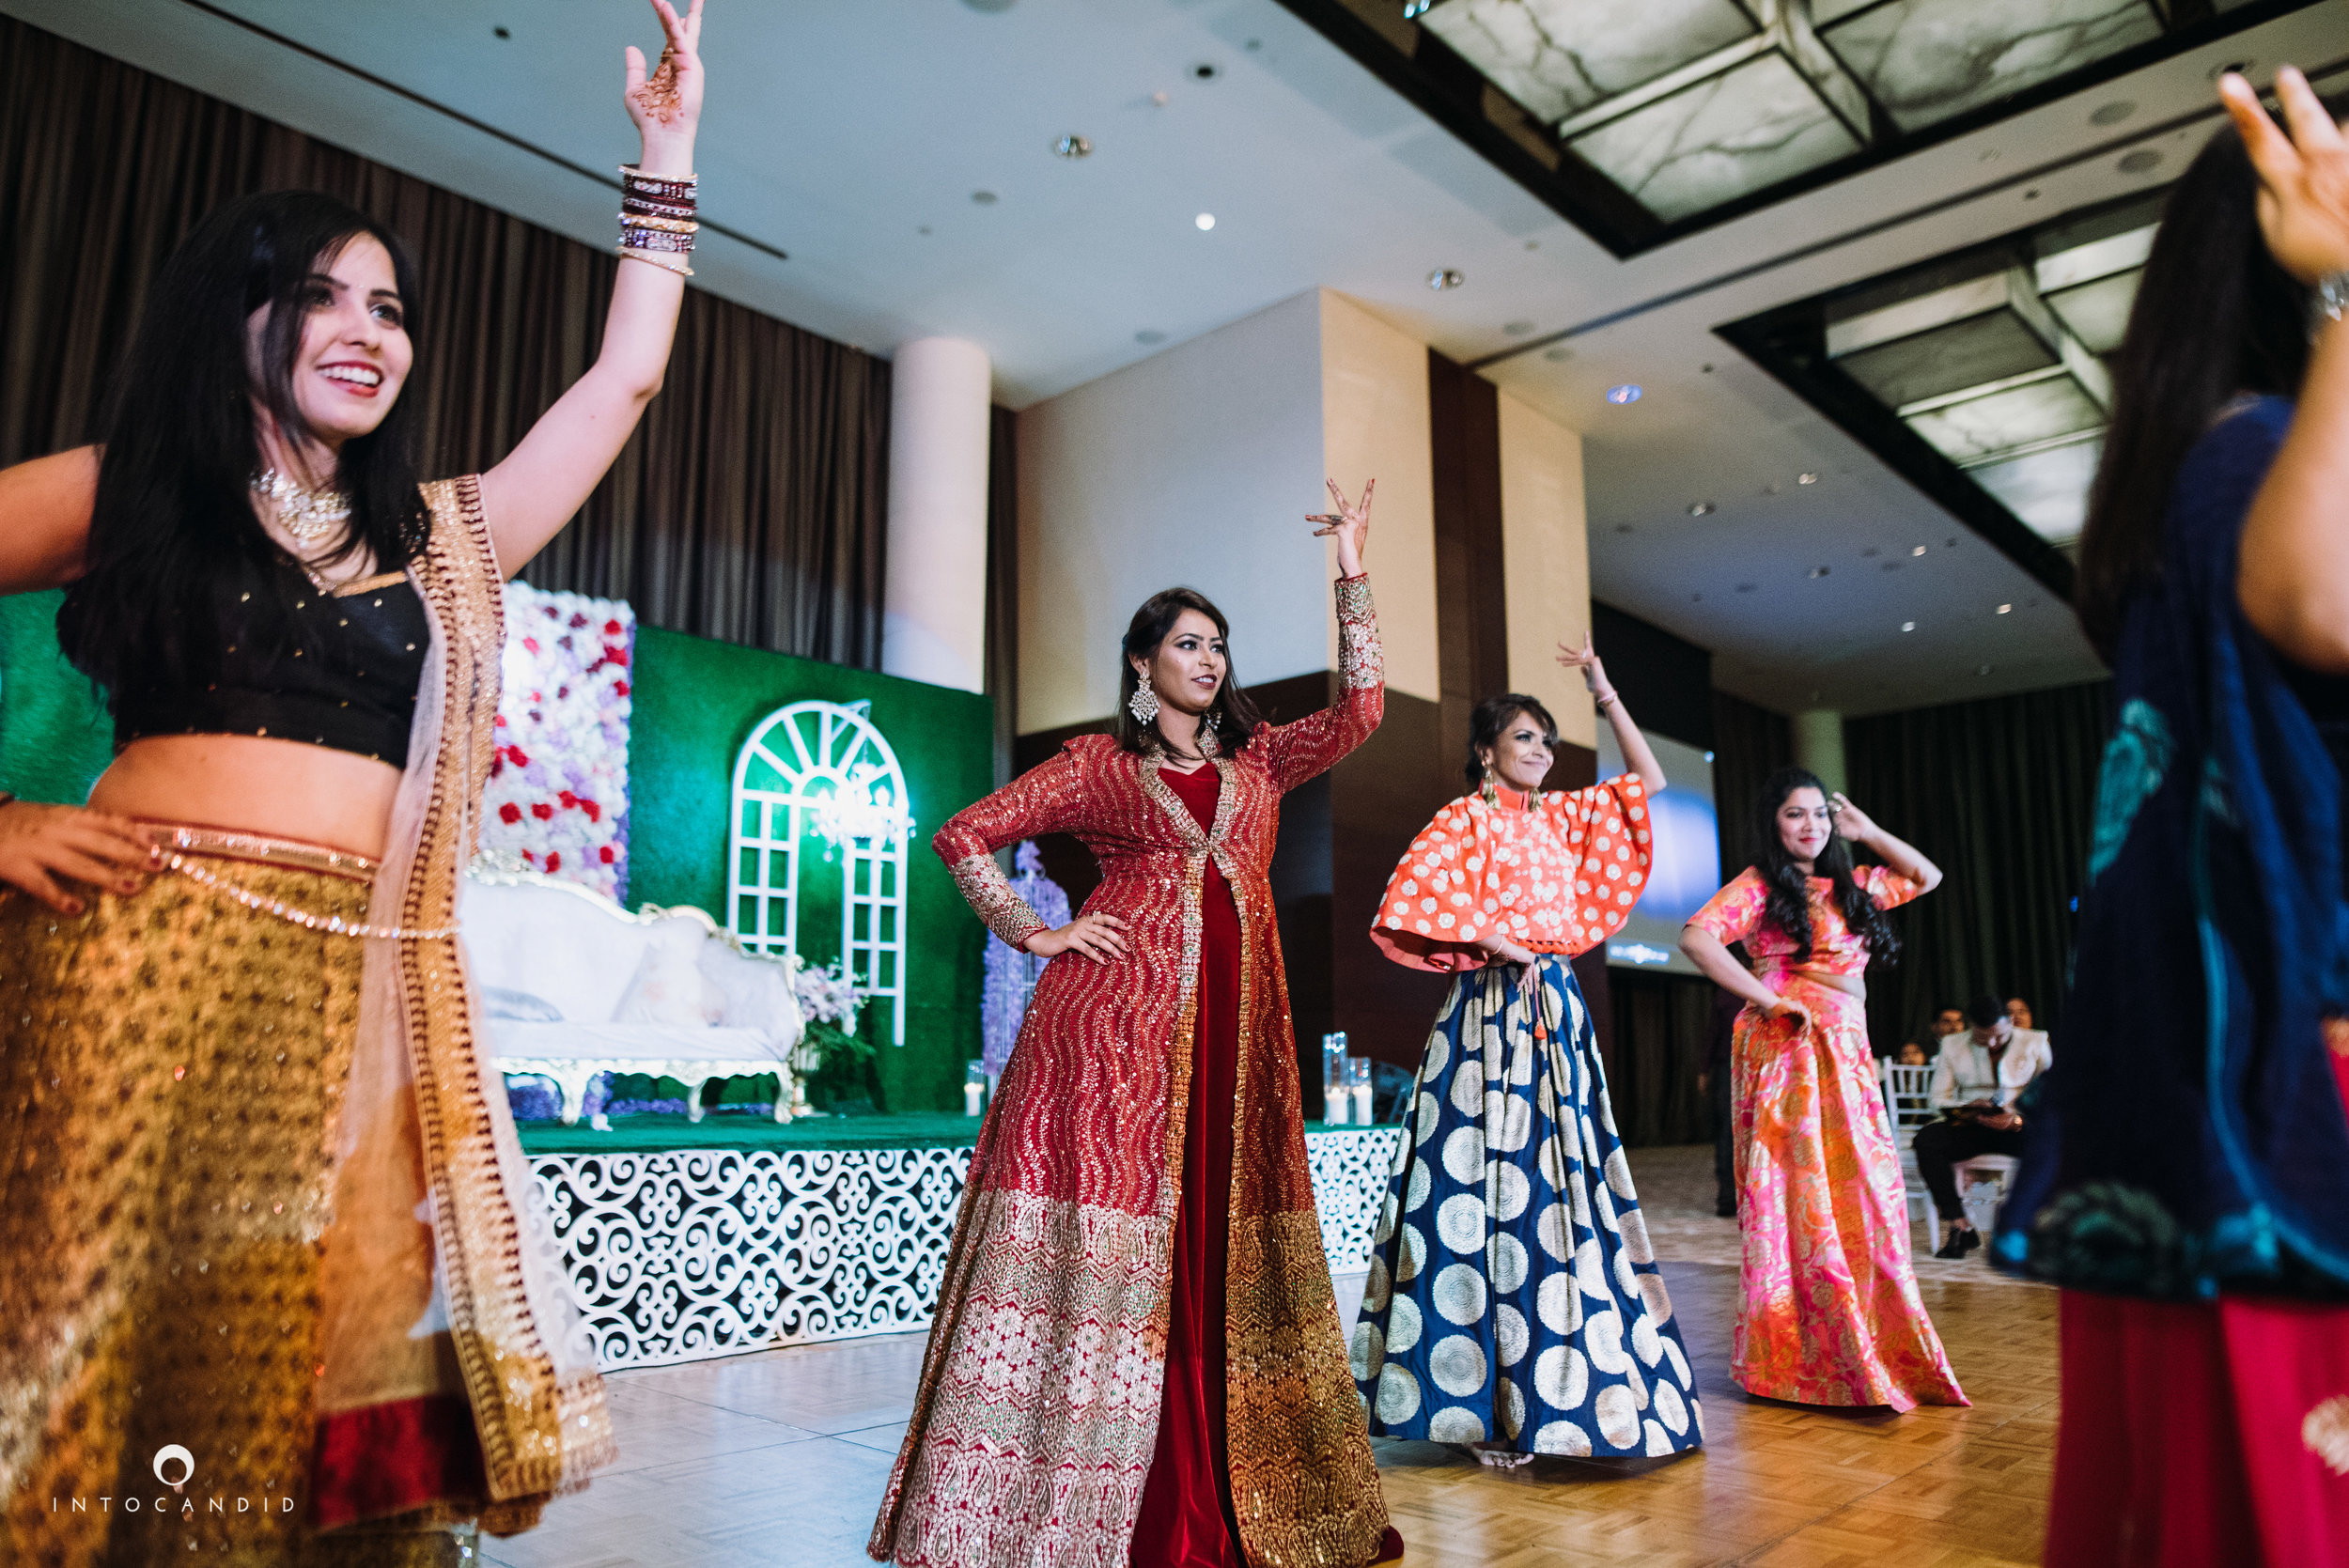 Dubai_Wedding_Photographer_72.JPG